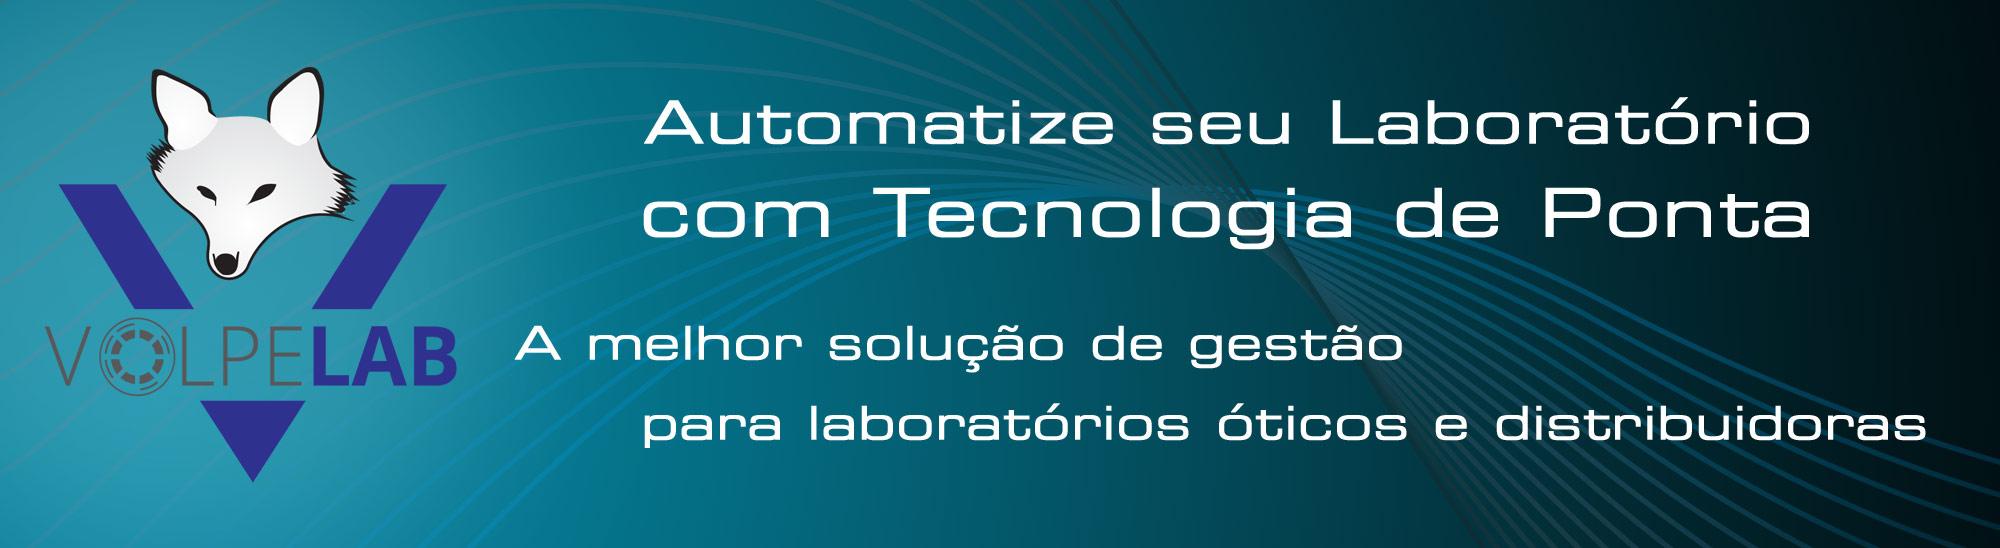 VolpeLab: O sistema para laboratórios óticos da PWI